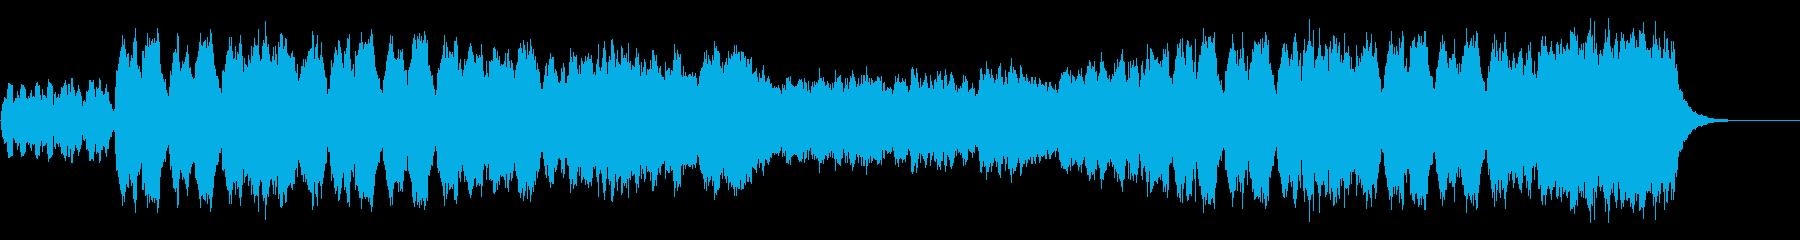 婚礼の合唱(ワーグナー)/パイプオルガンの再生済みの波形